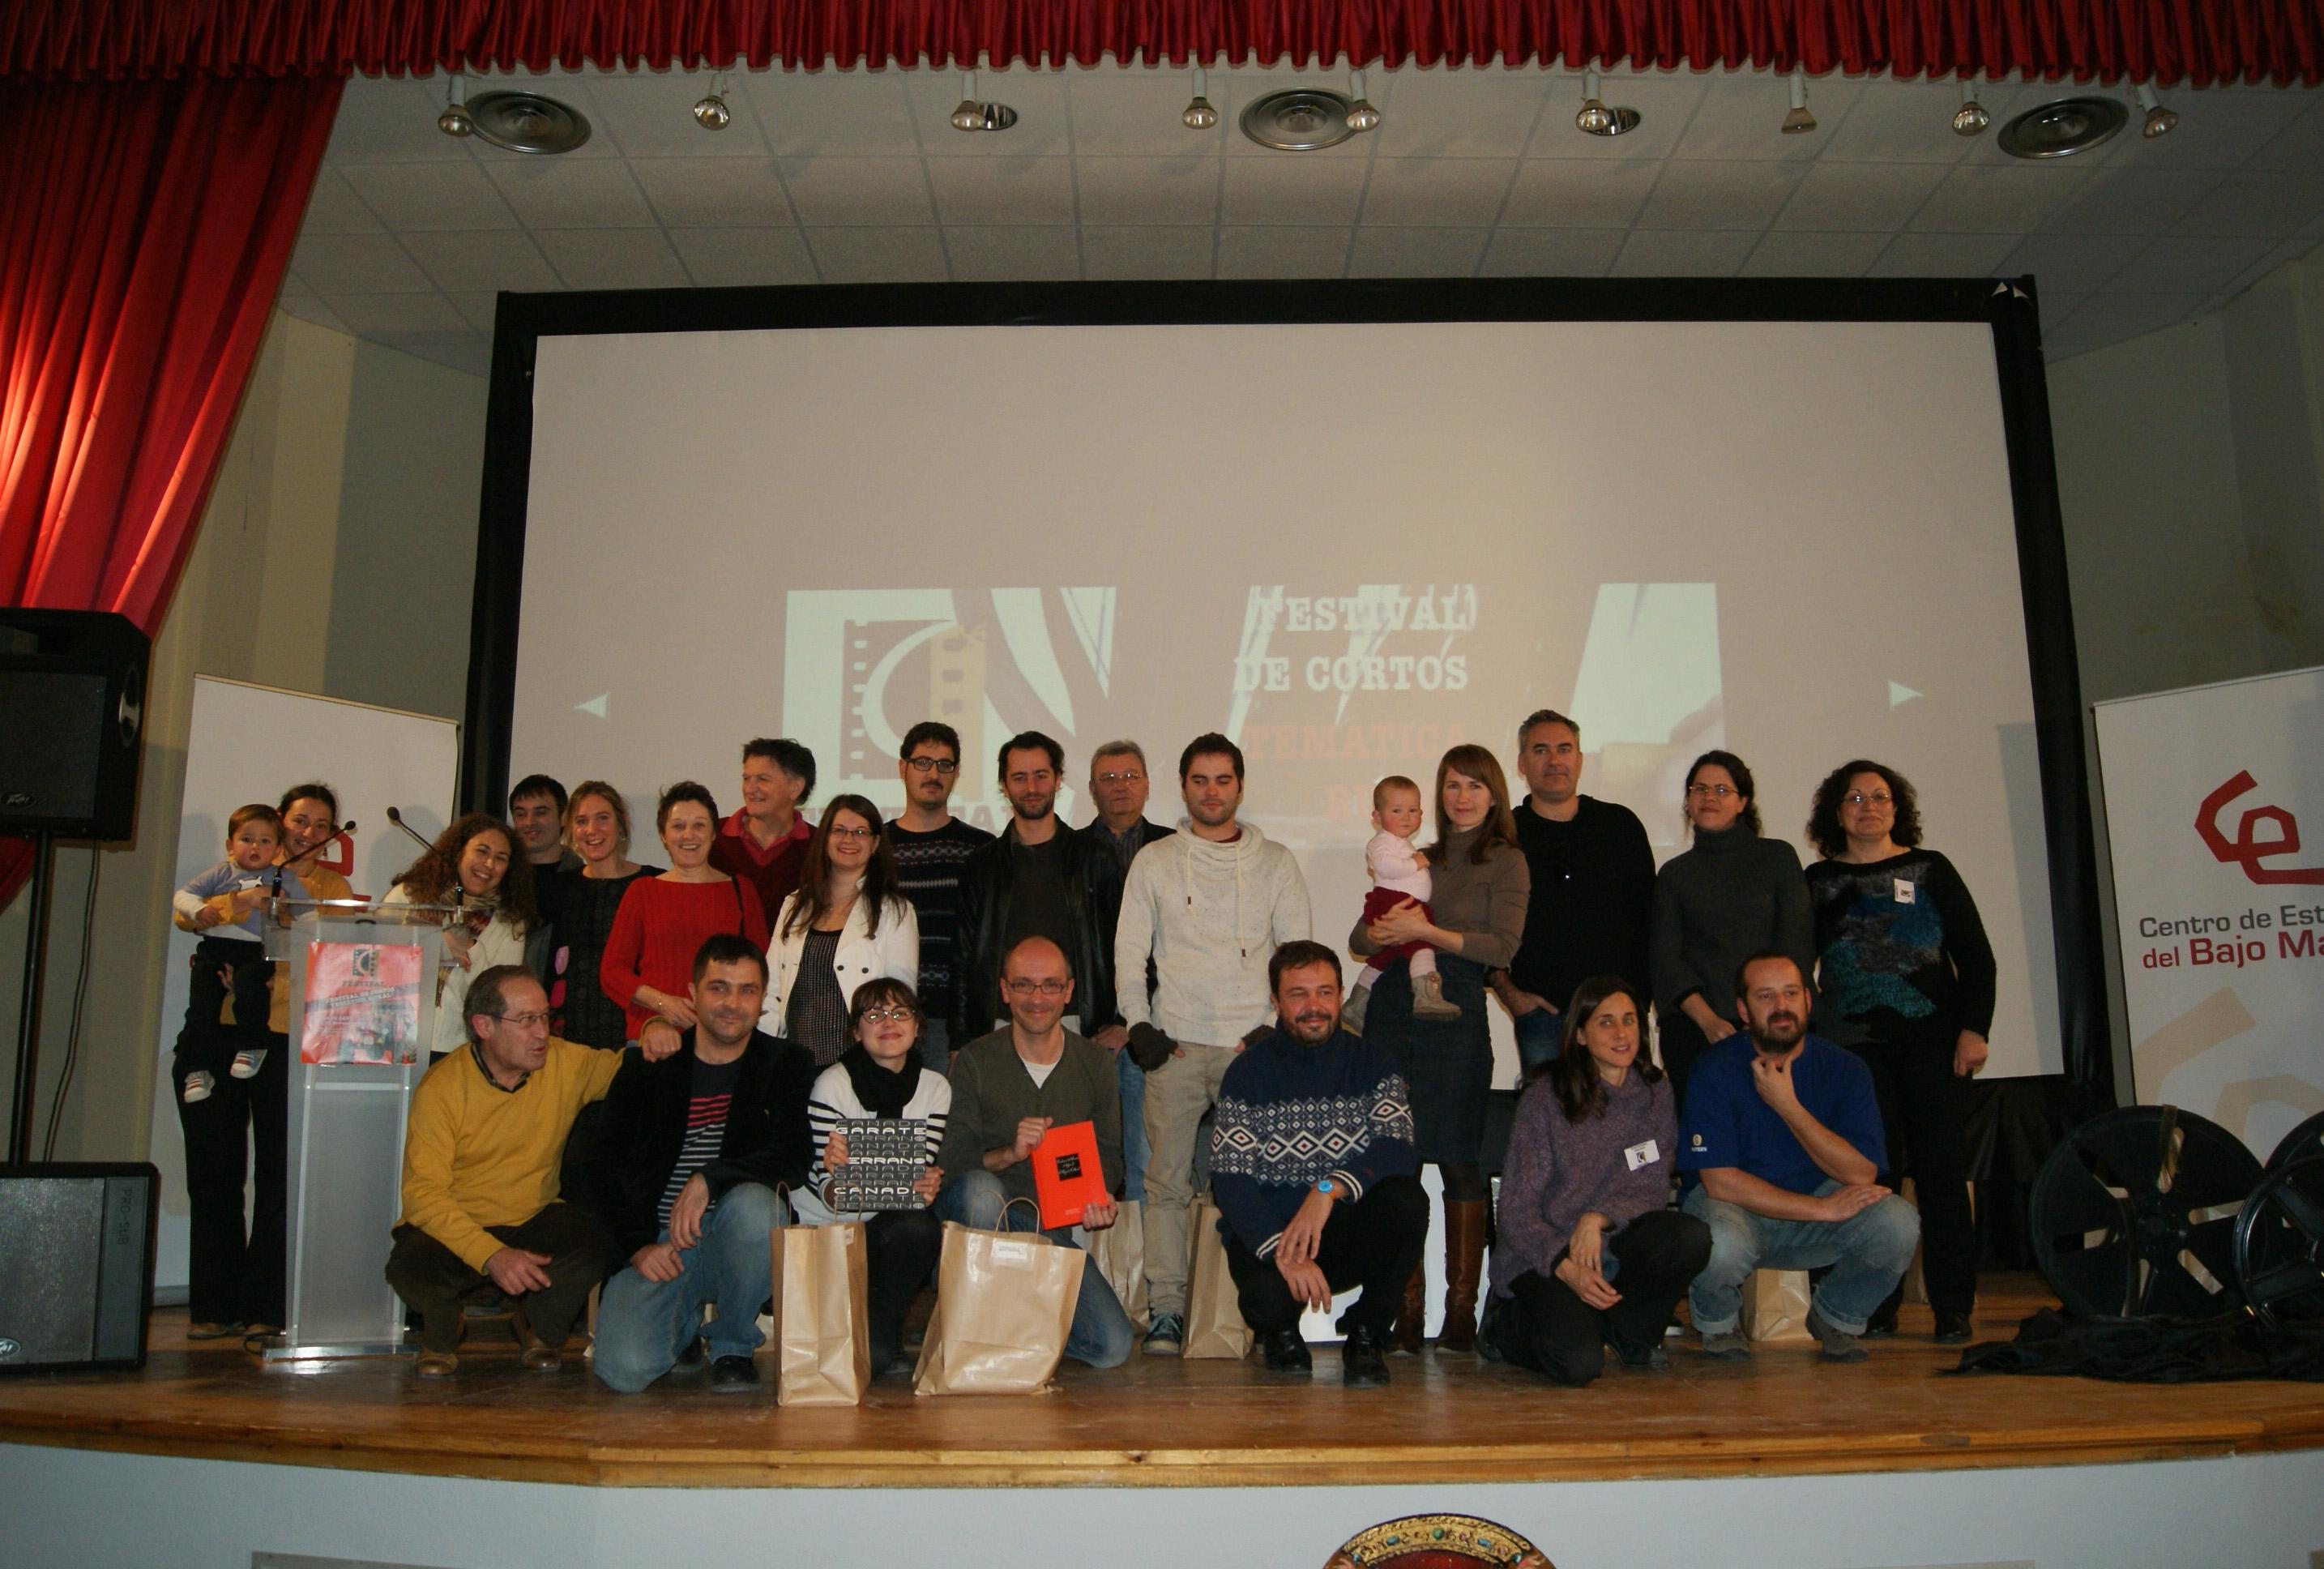 Foto de grupo de los participantes en el FestiFal de 2013